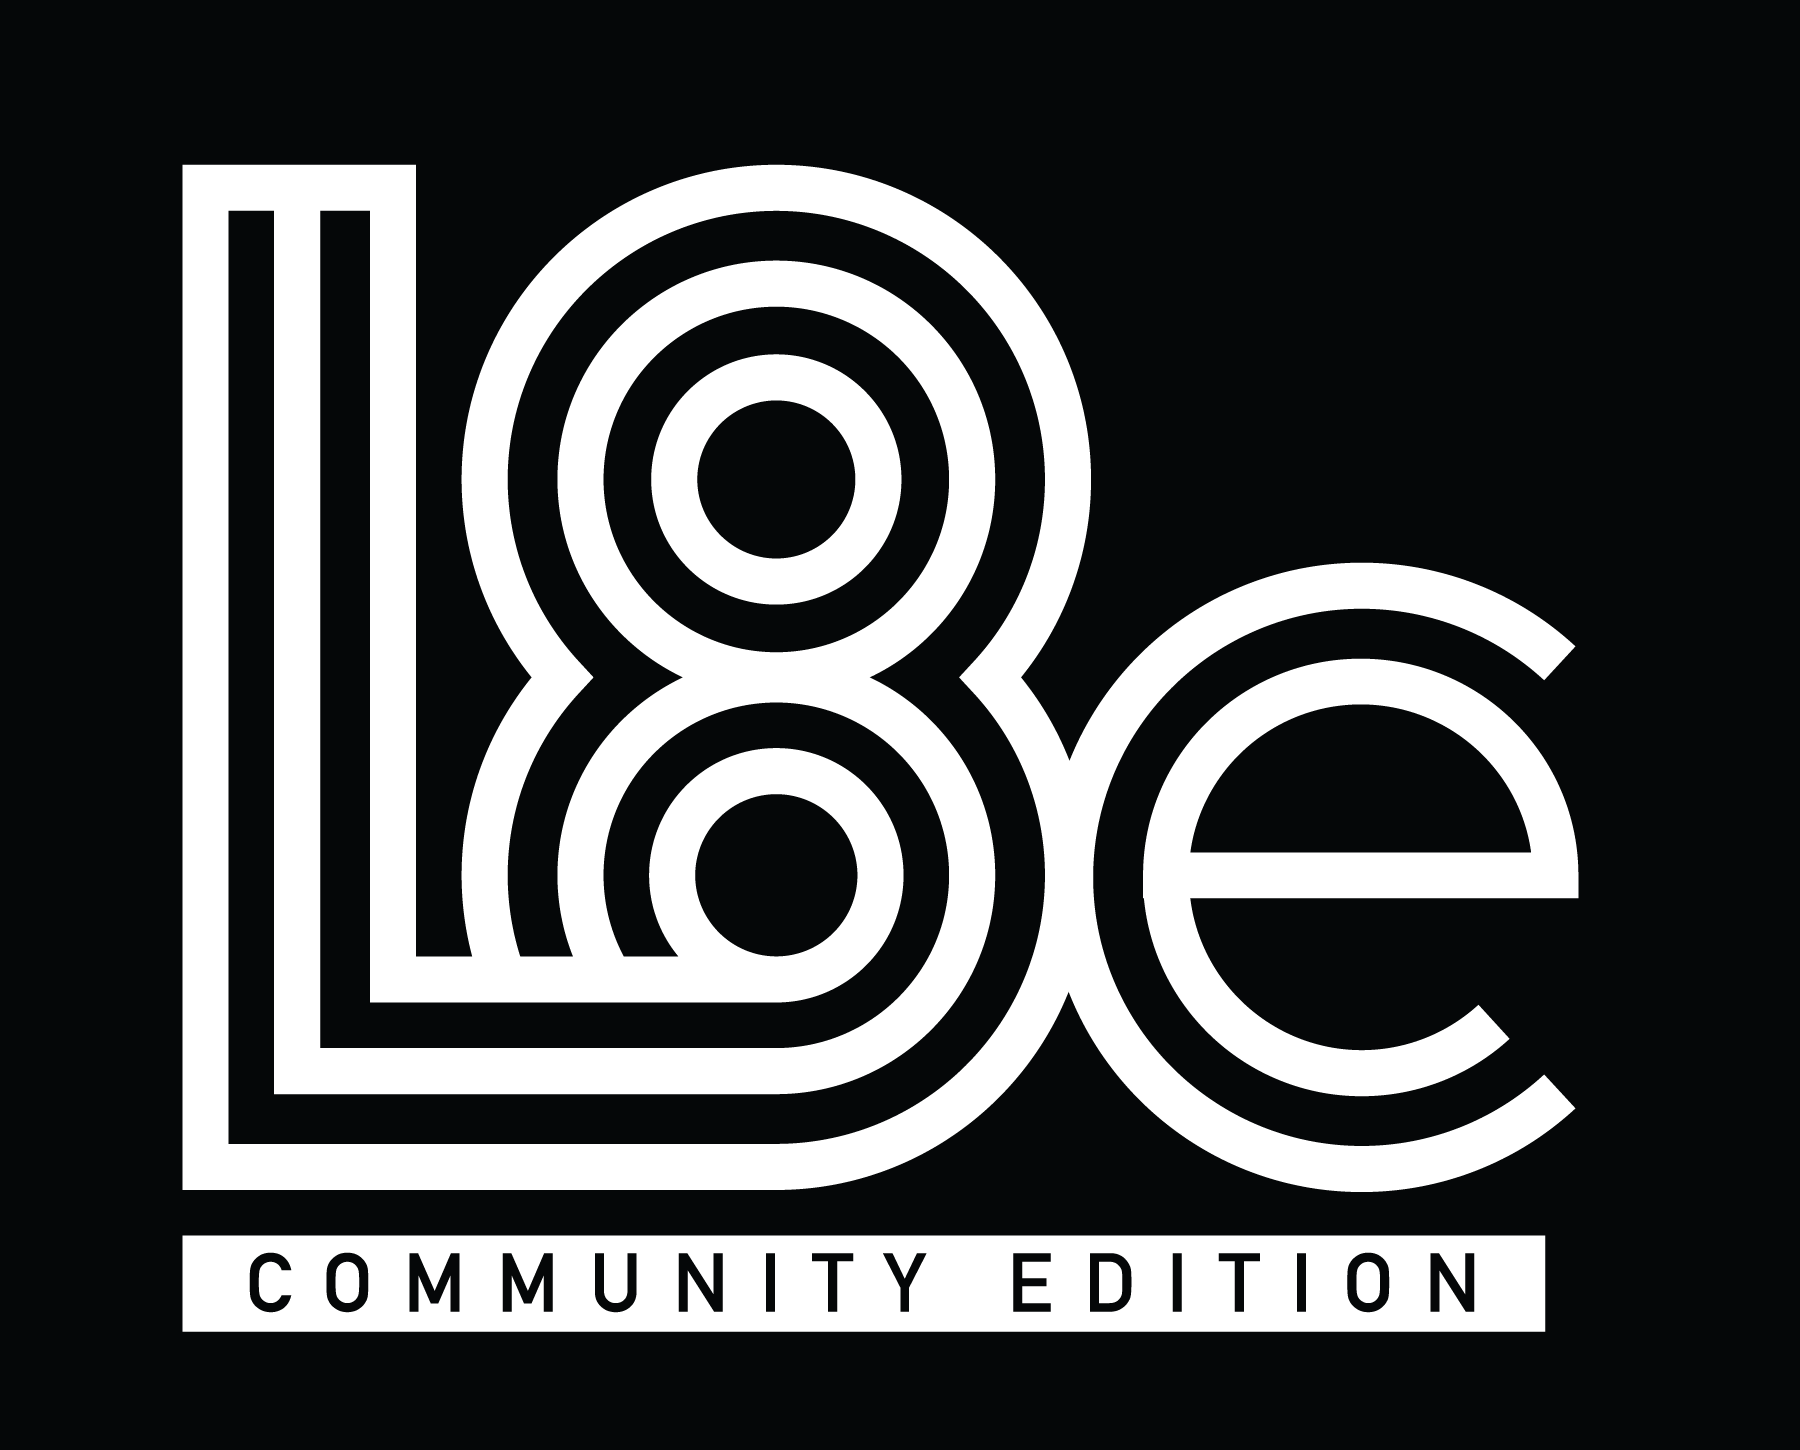 L8 CE